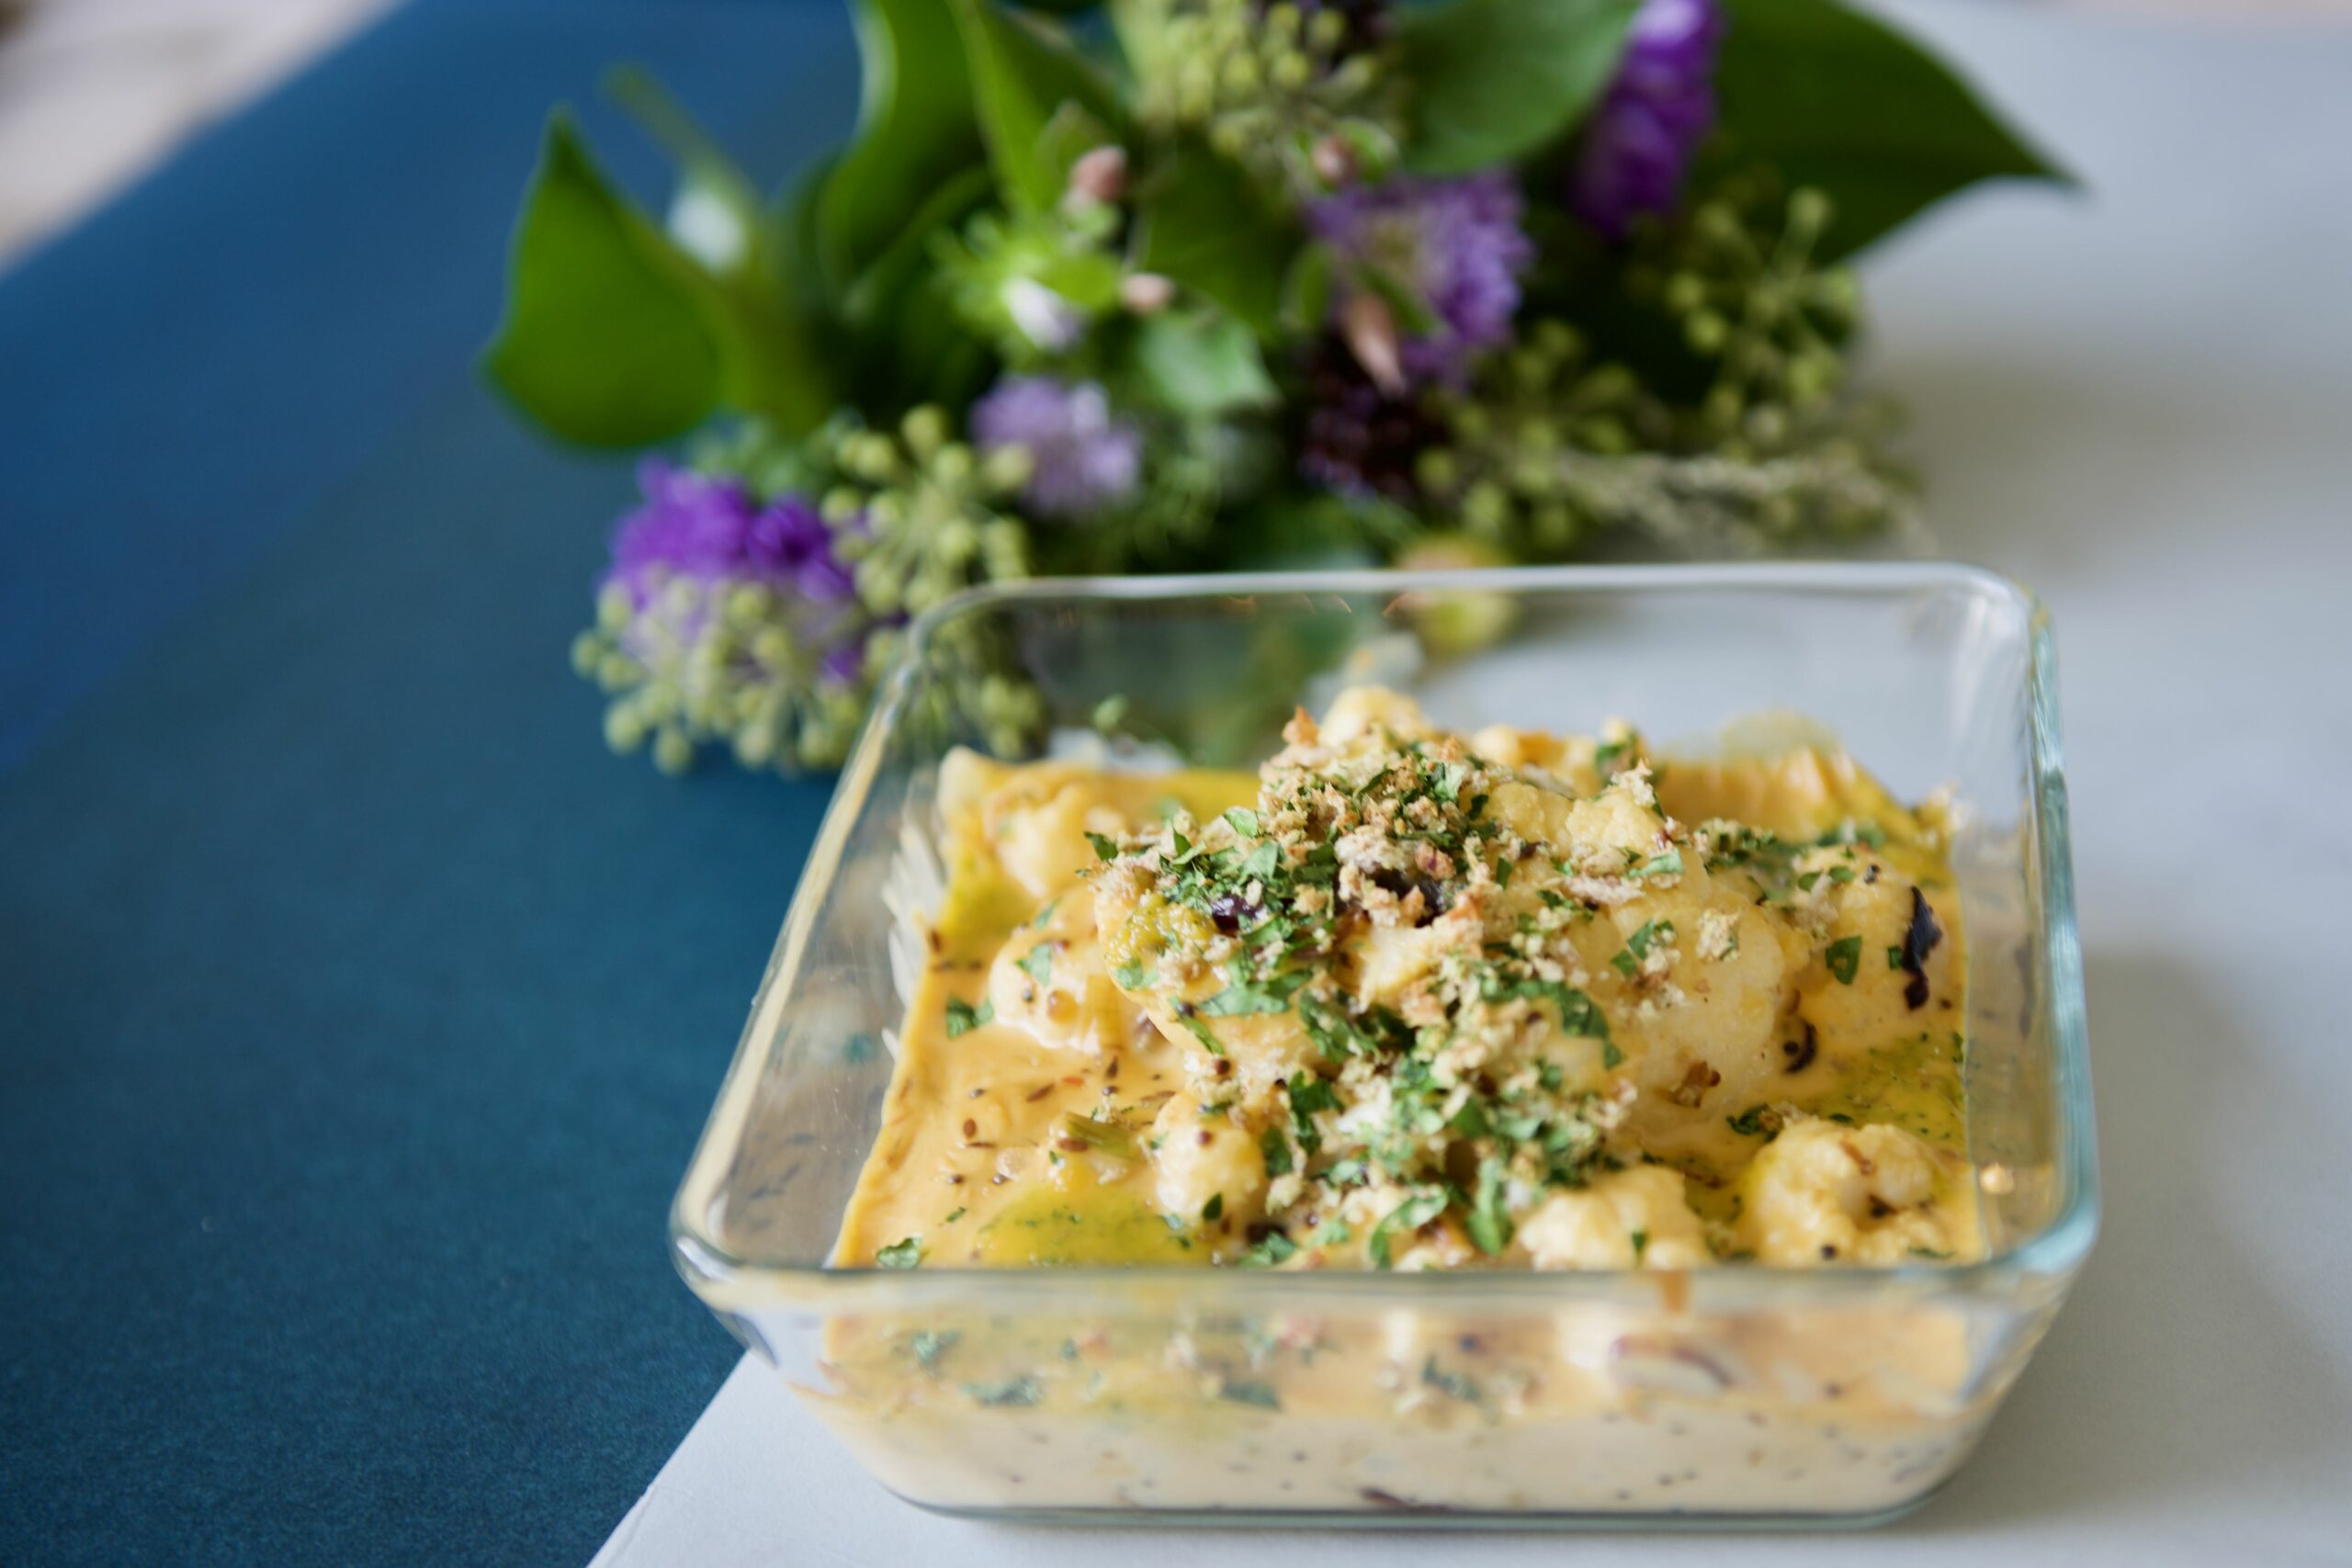 Cauliflower O'gratin